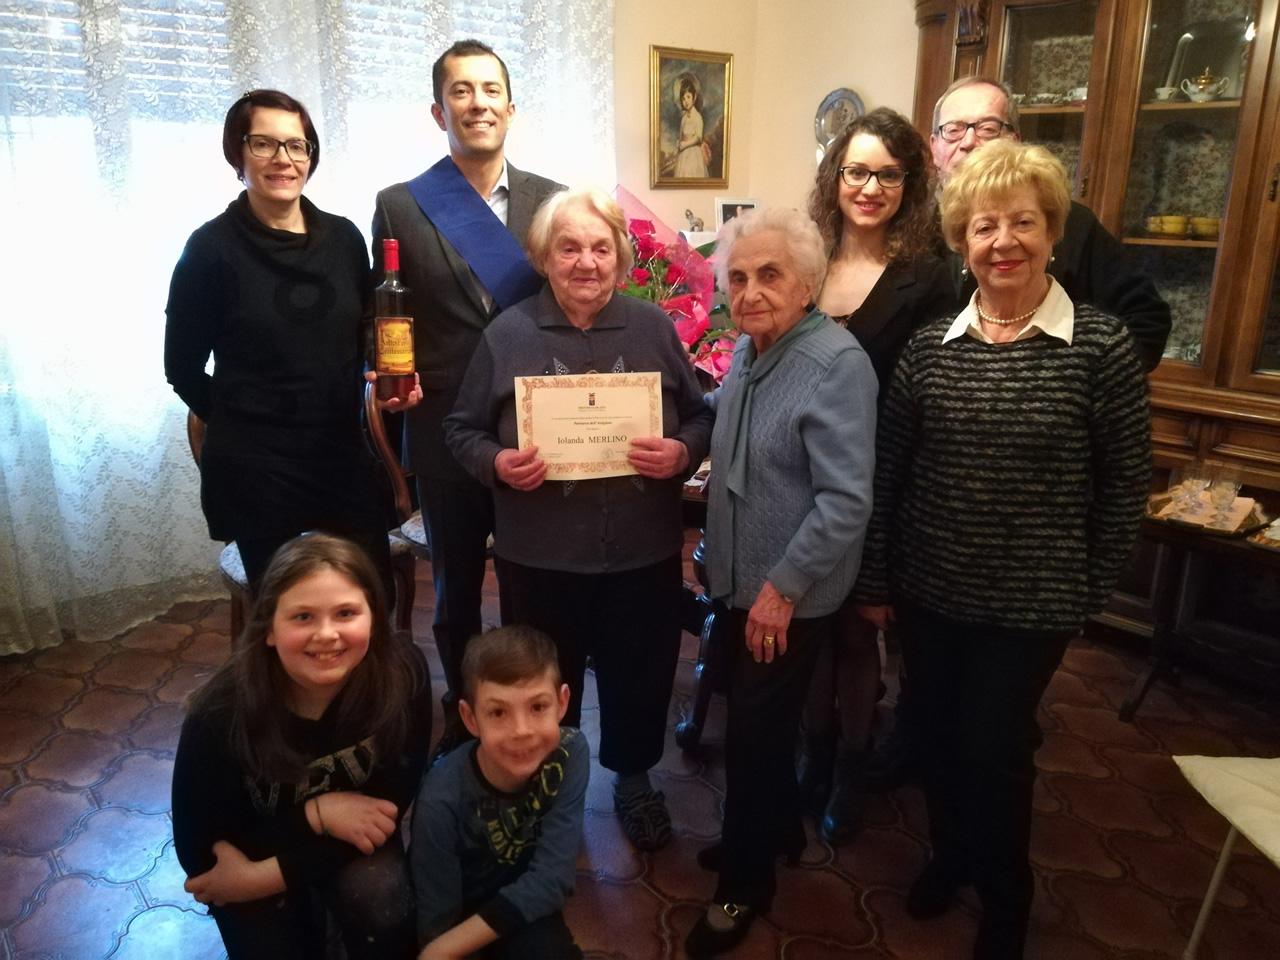 Canelli, Iolanda Merlino ha festeggiato i 100 anni